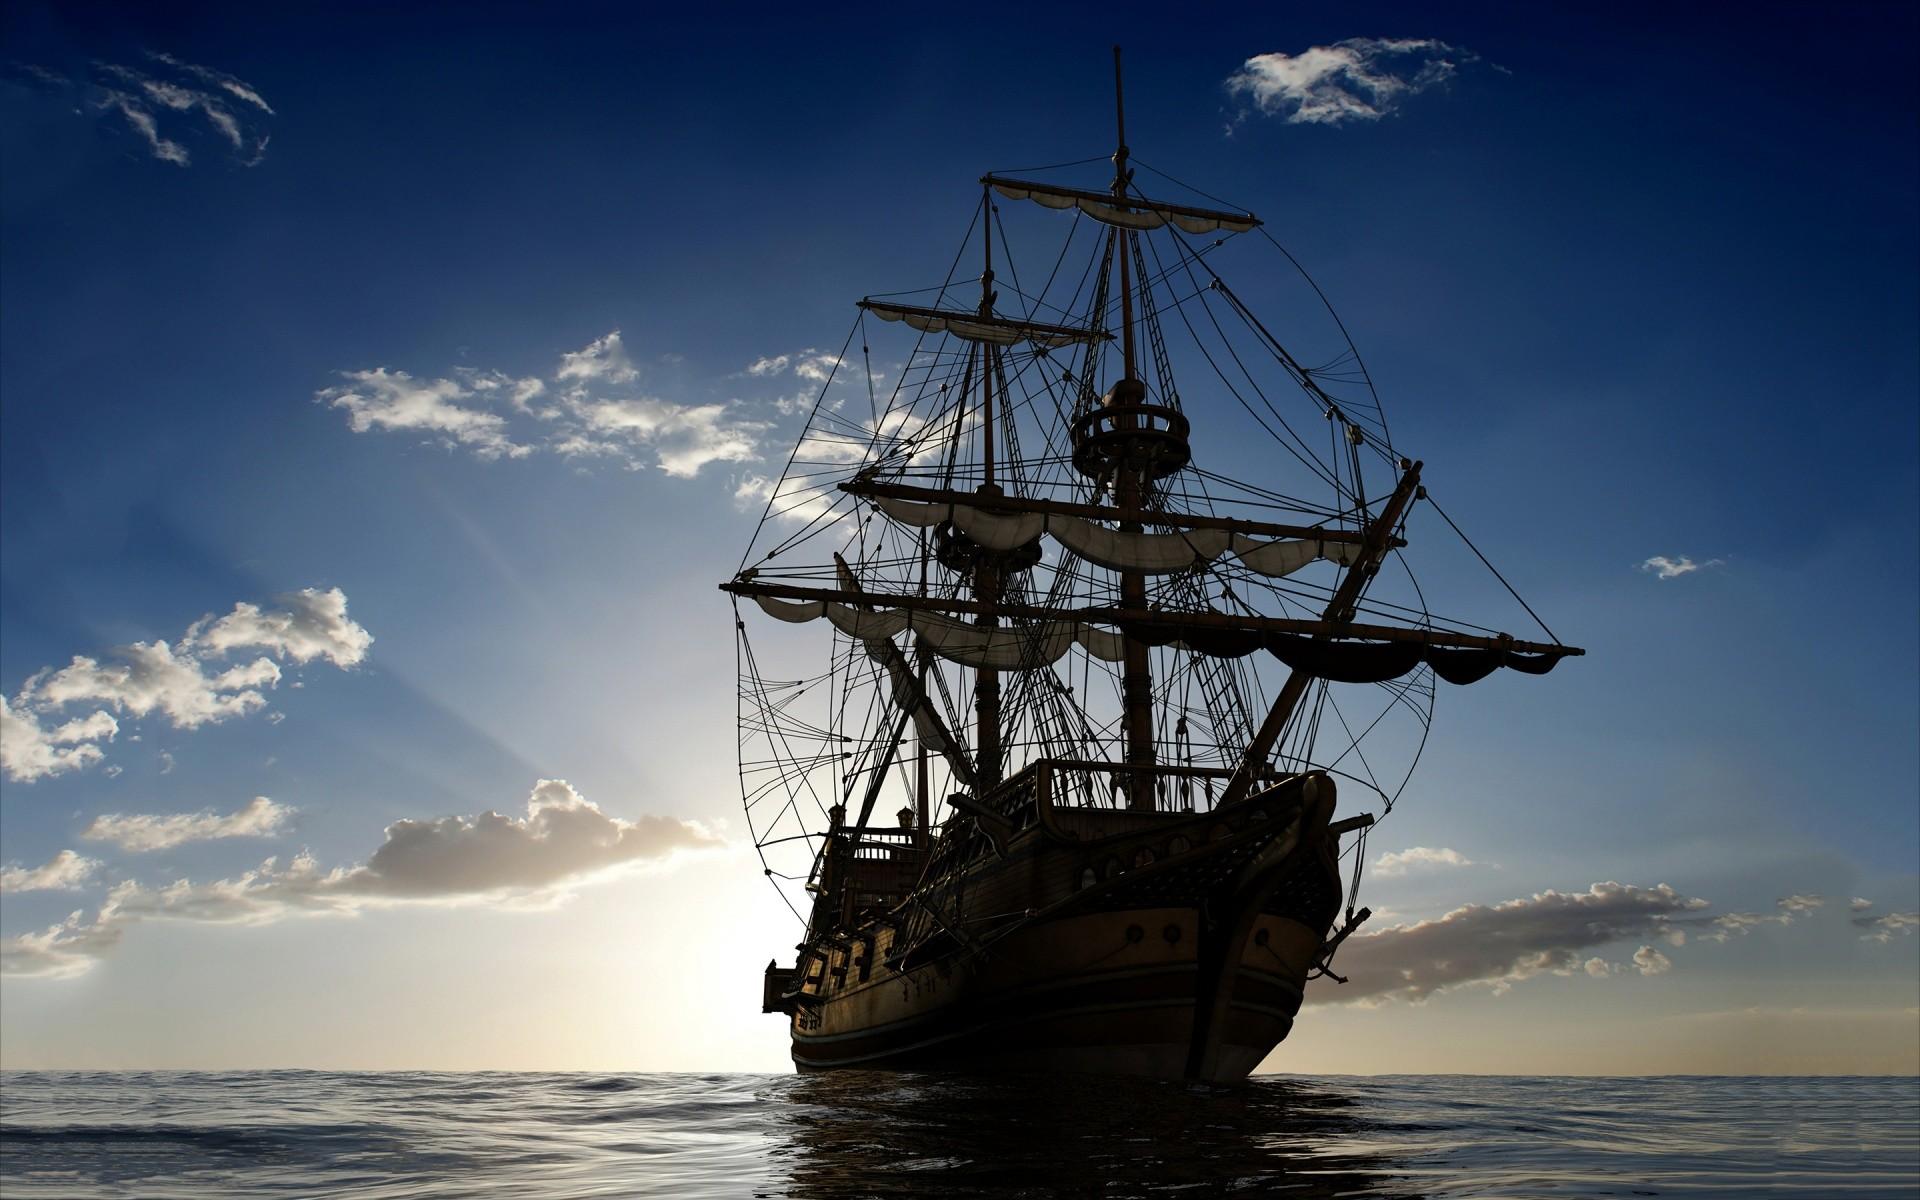 Sailing ship ocean Wallpaper in